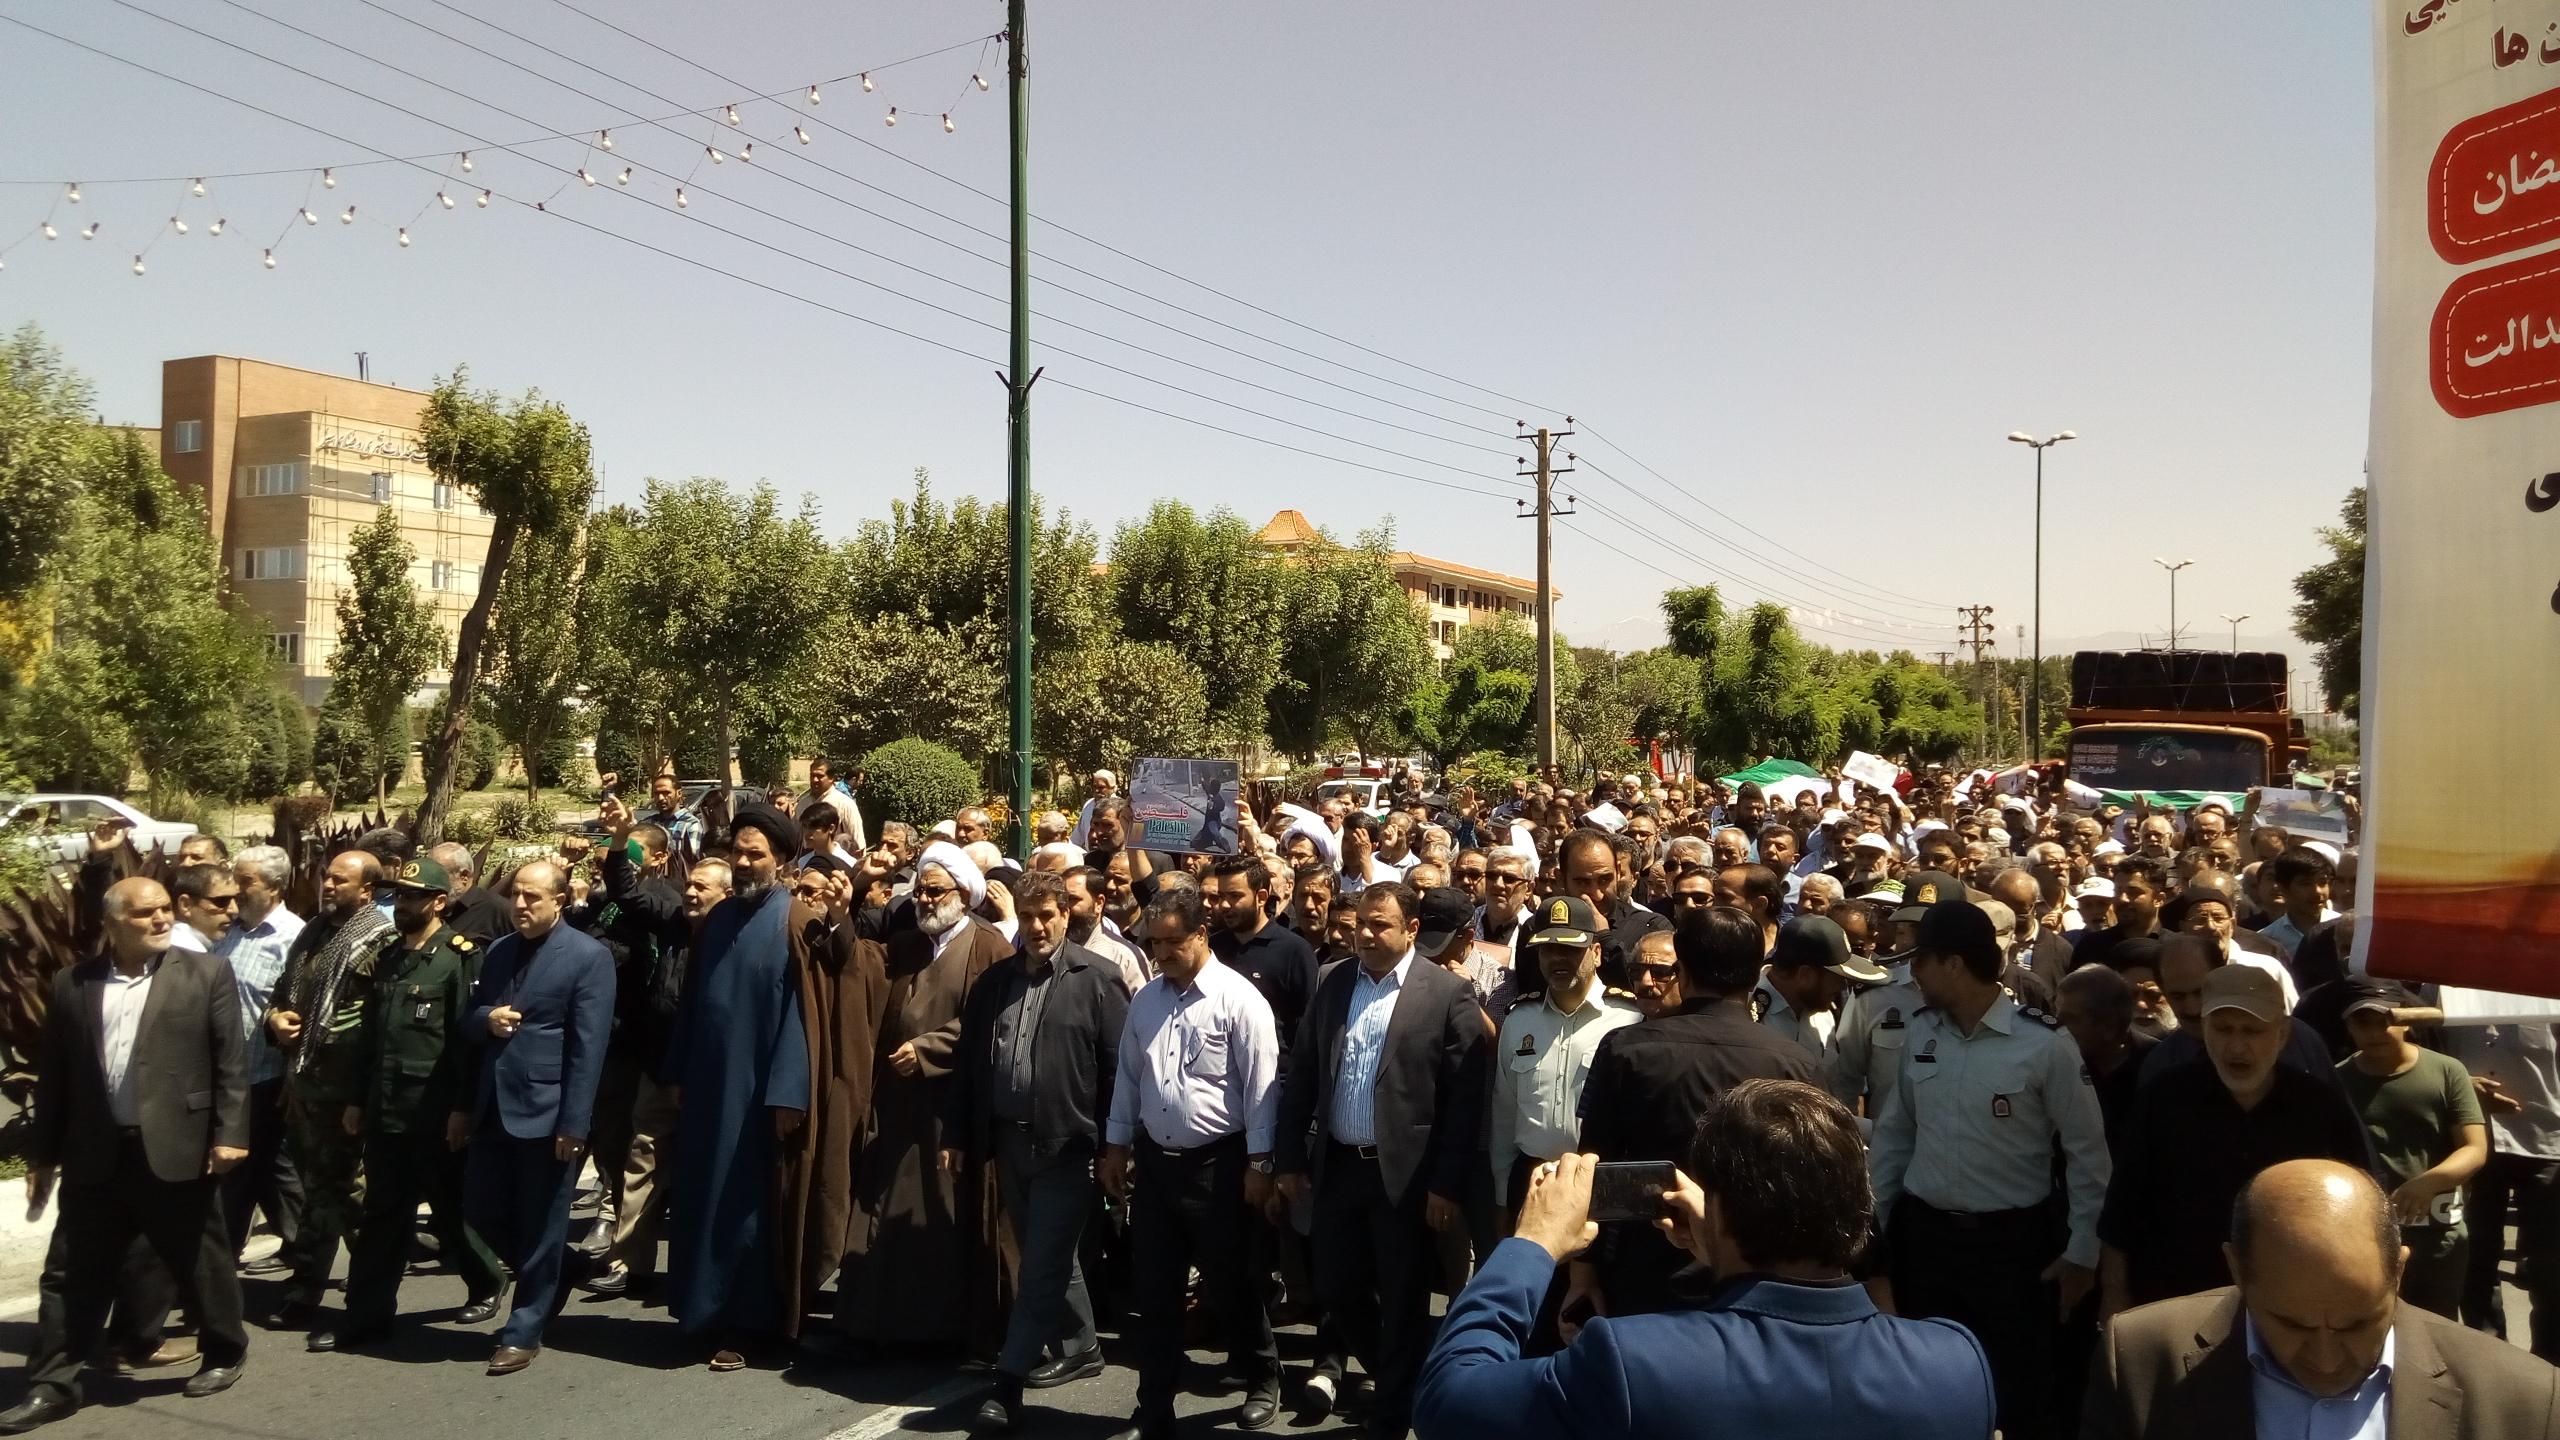 راهپیمایی دشمن شکن روز قدس مهرشهر آغاز شد+عکس